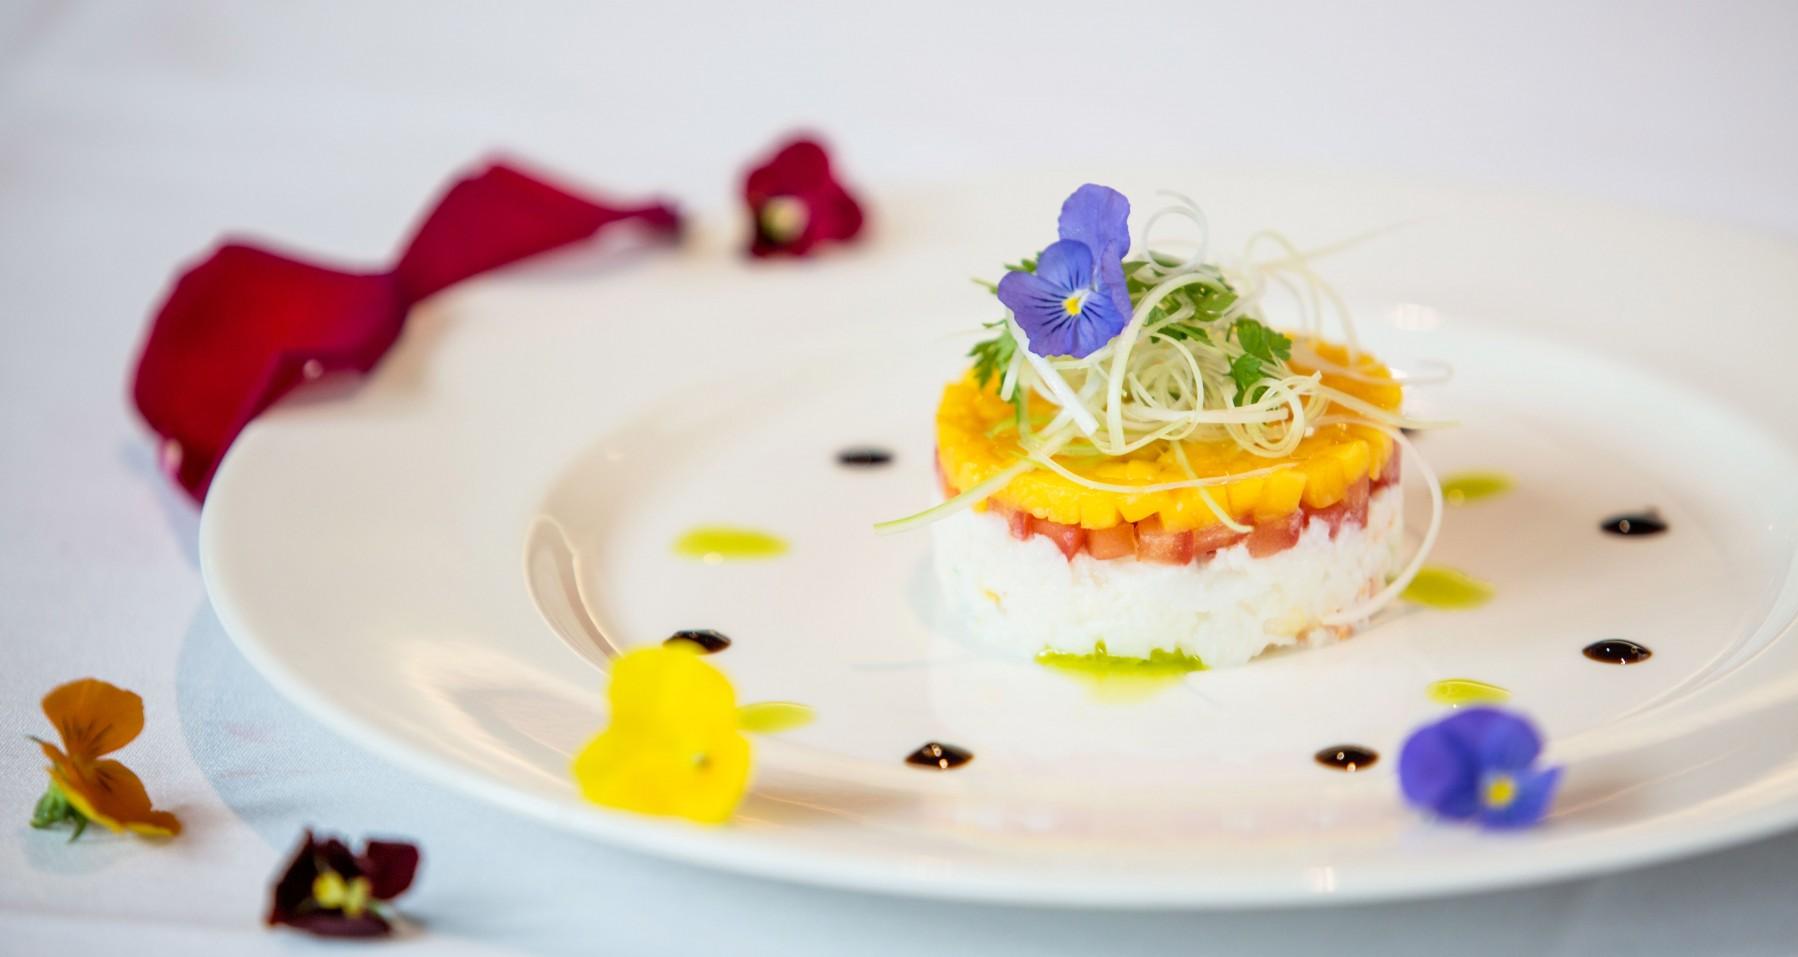 Sofitel-Sydney-Darling-Harbour-Culinary-4f.jpg